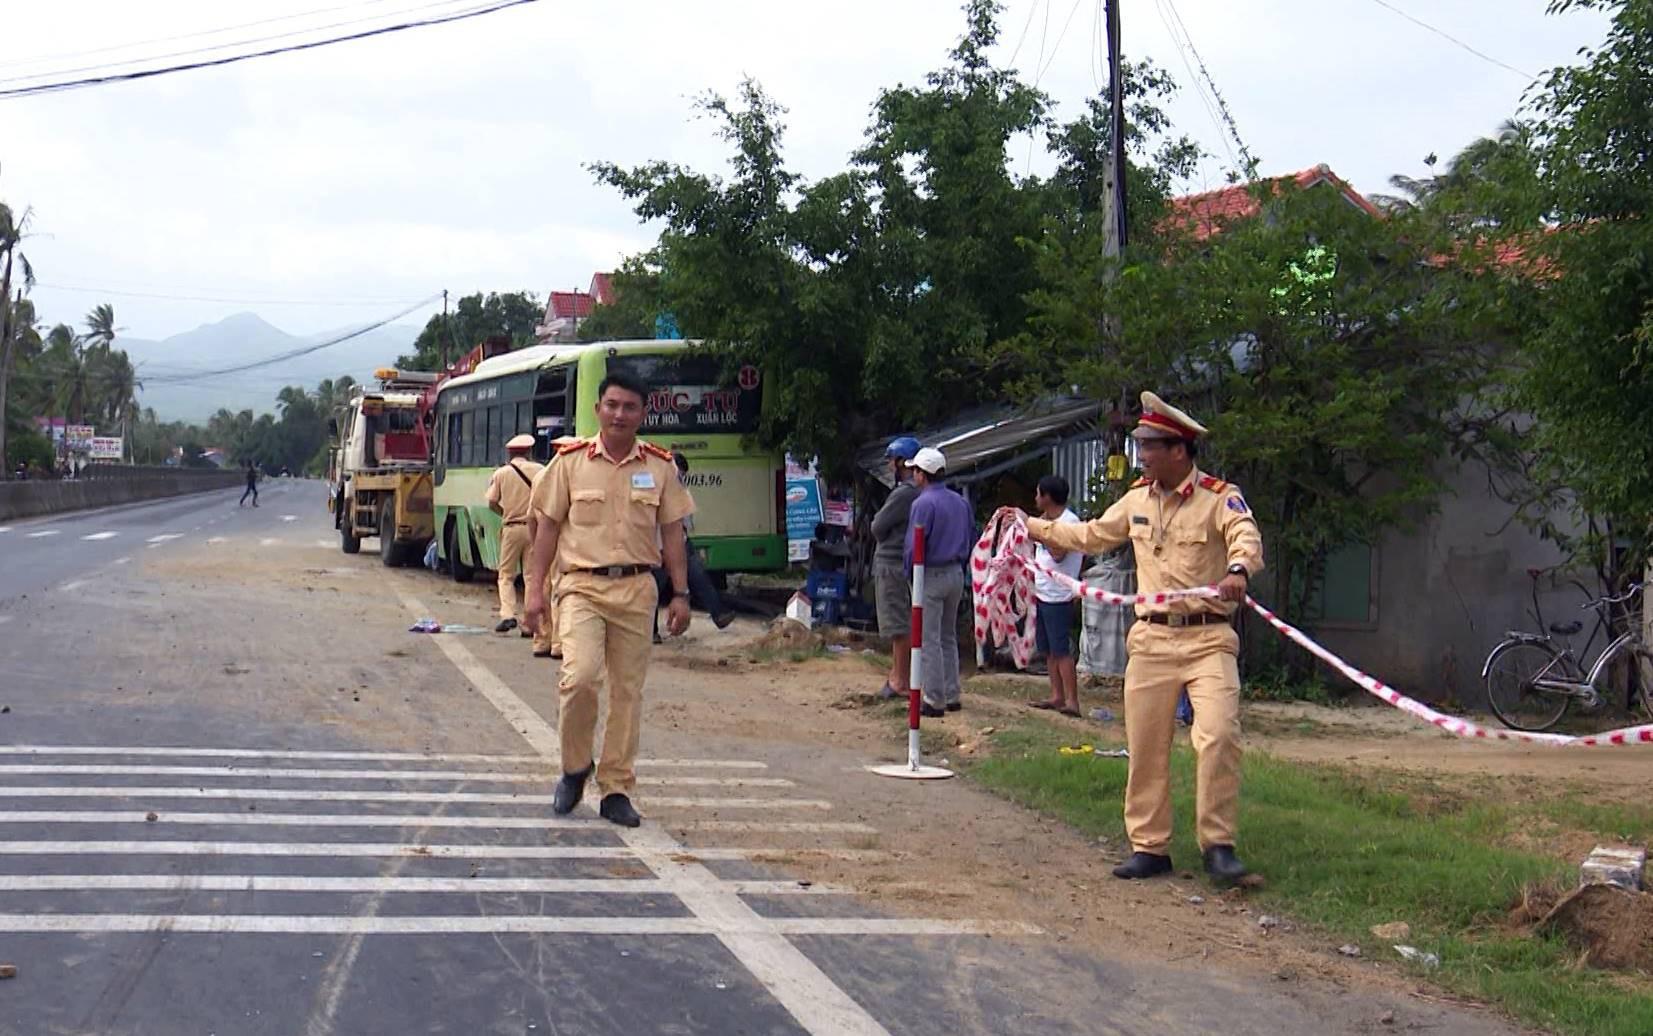 Phú yên: Xe Cúc Tư tông vào lề đường rồi lật úp, 3 hành khách bị thương - Ảnh 1.